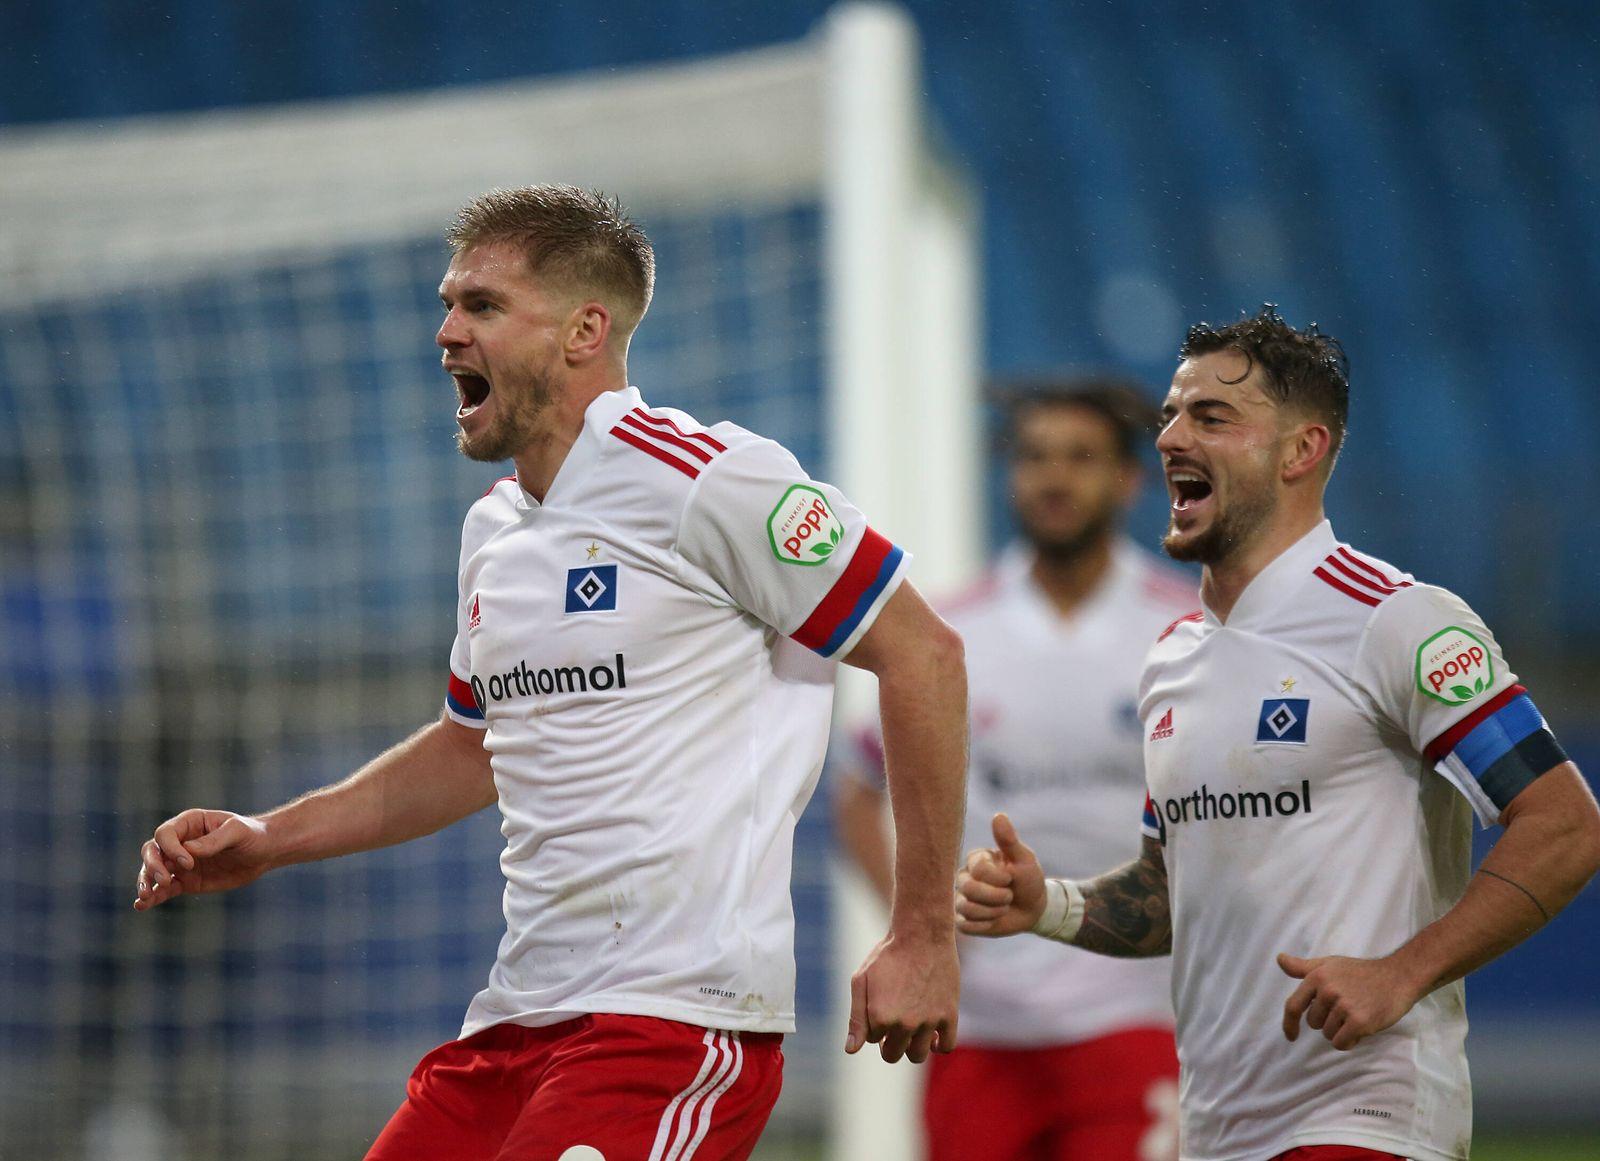 15.12.2020, Fussball 2. Bundesliga 2020/2021, 12. Spieltag, Hamburger SV - SV Sandhausen, im Volksparkstadion Hamburg.